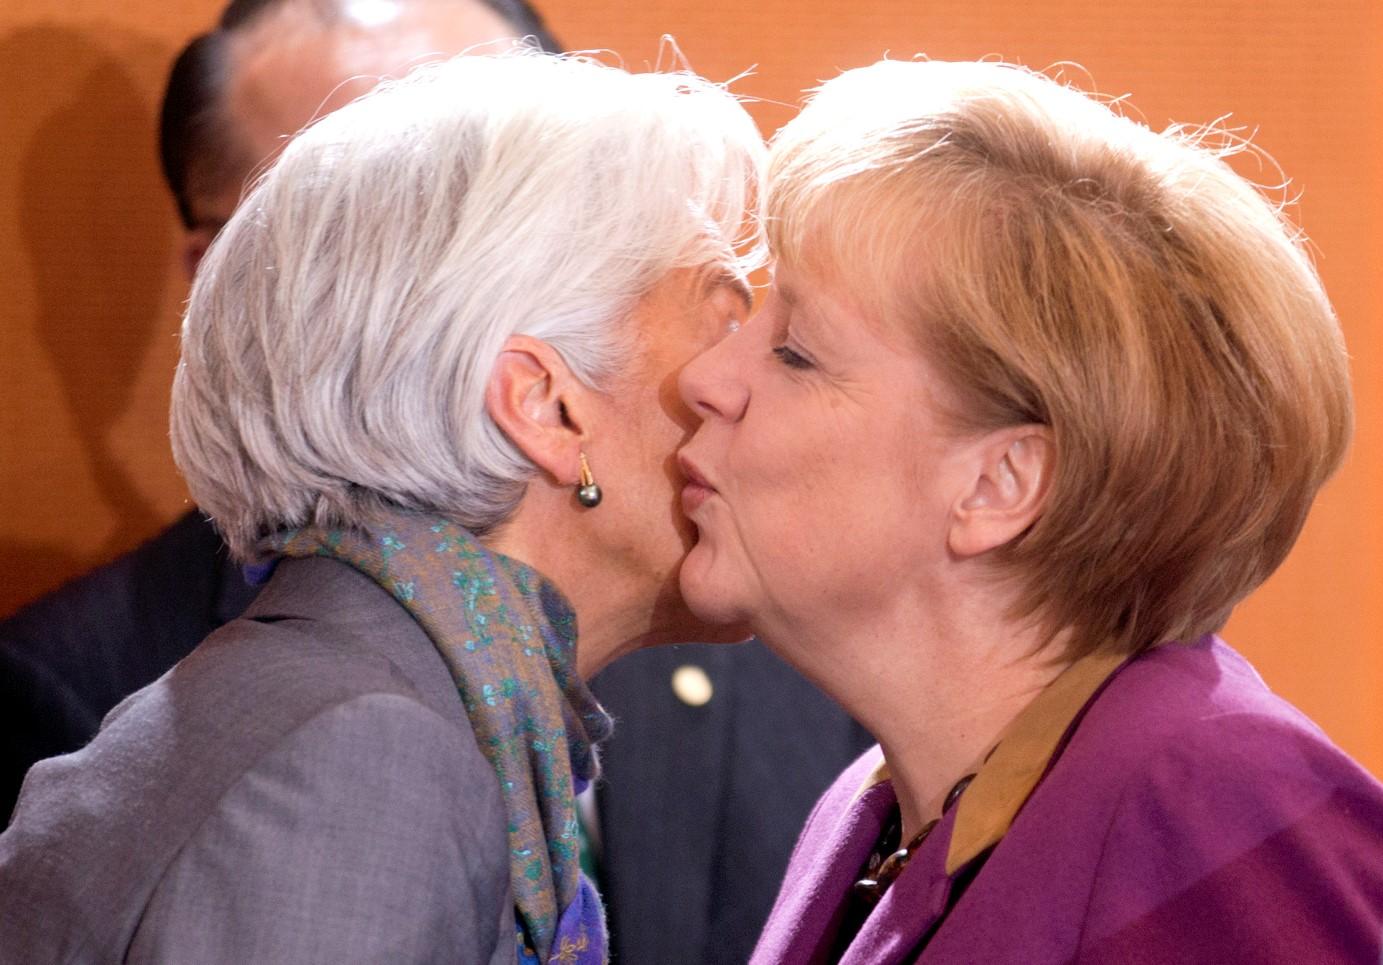 Την Λαγκάρντ θα προτιμούσε η Μέρκελ για πρόεδρο της ΕΕ